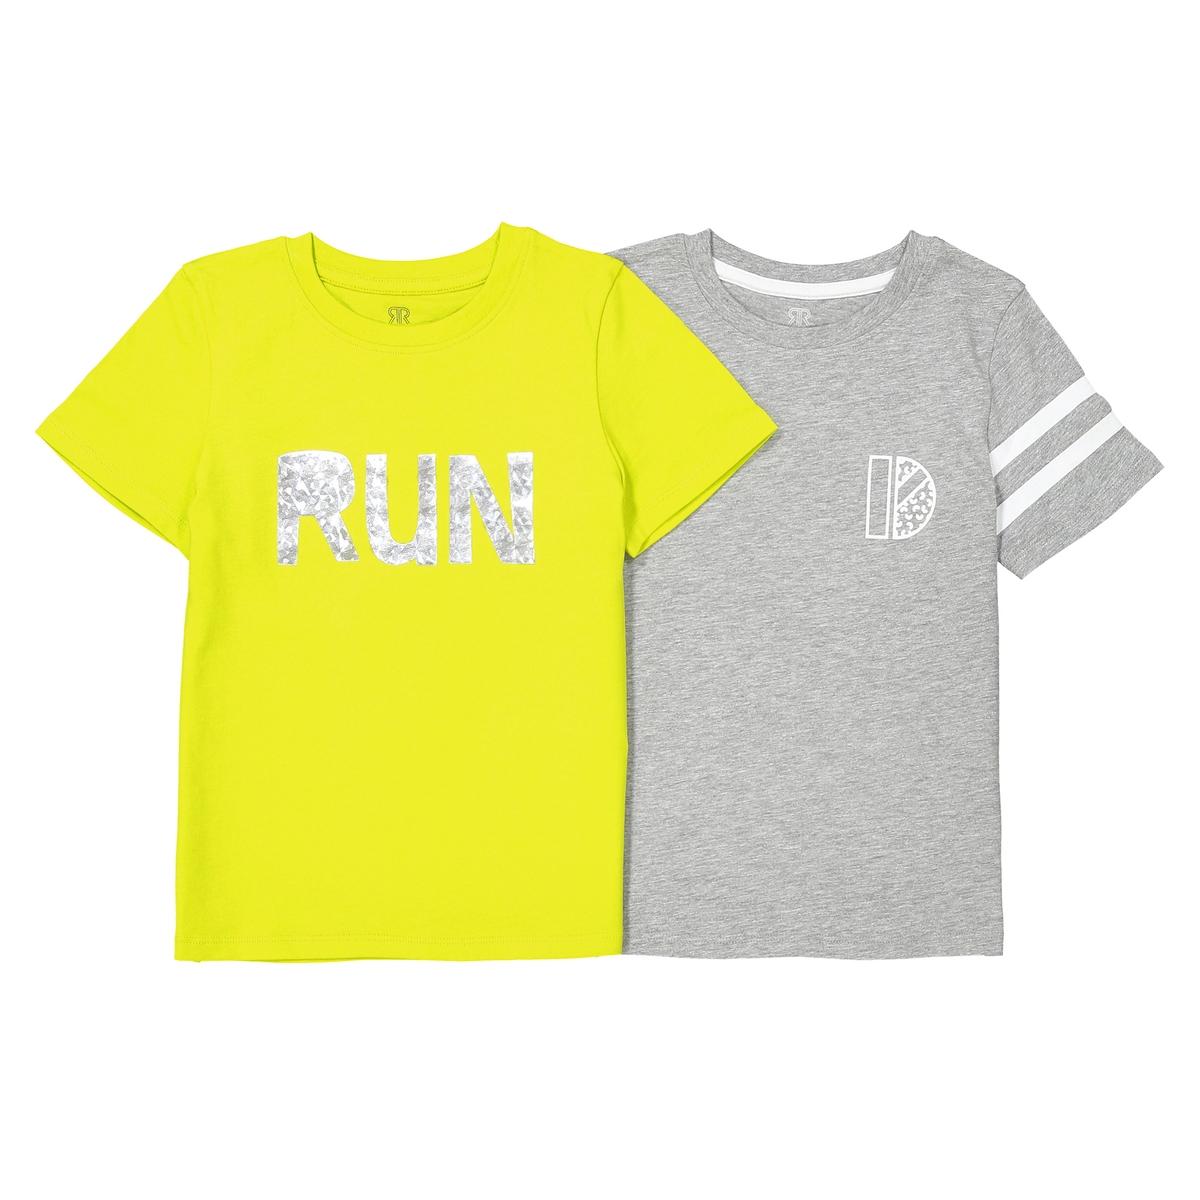 Комплект из 2 футболок, 3-12 лет